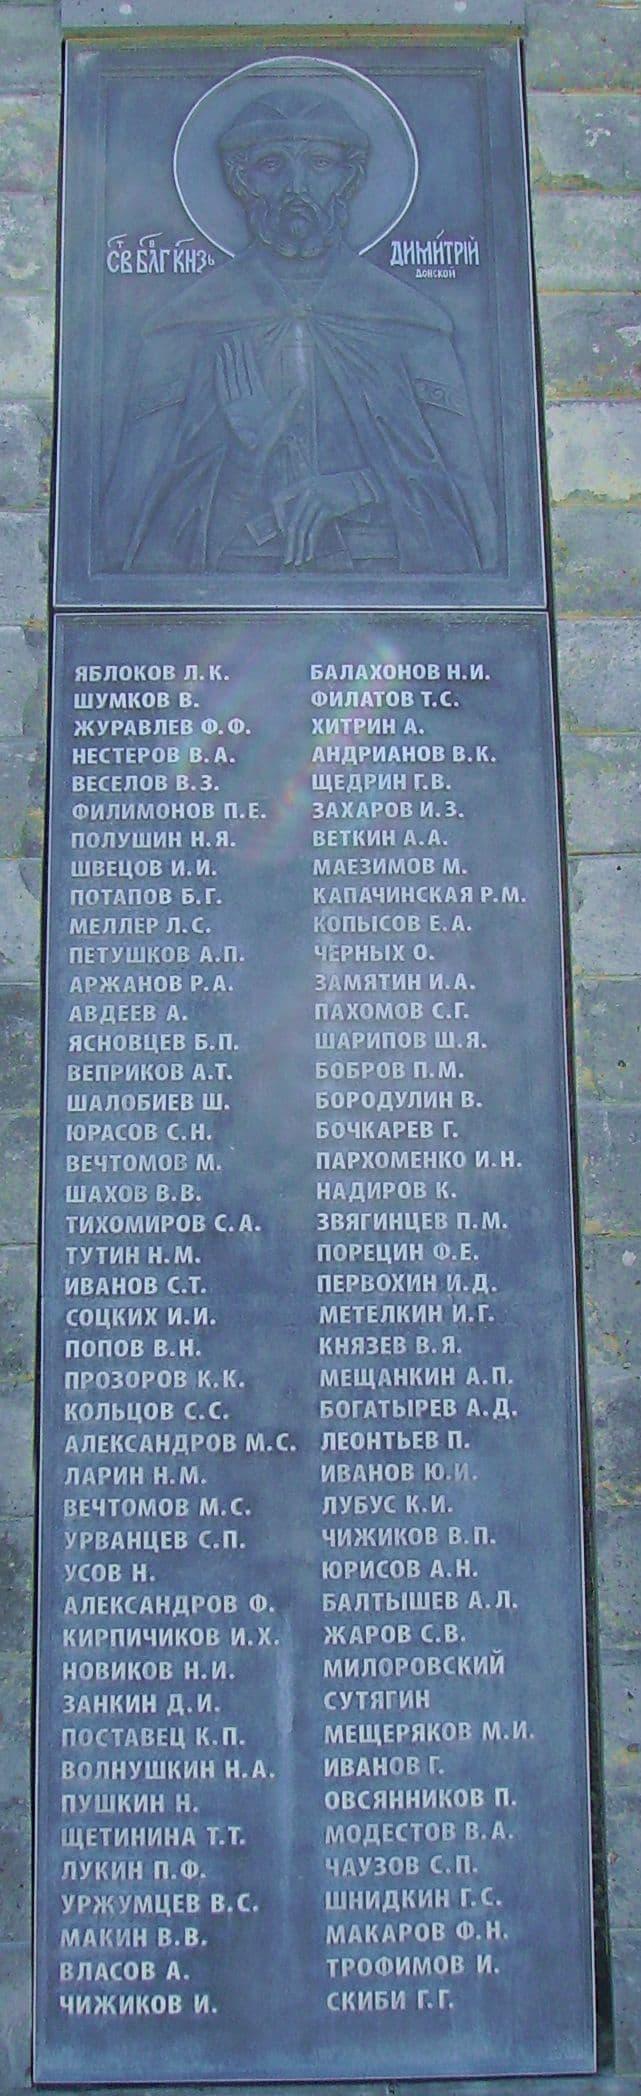 Воины, скончавшихся в госпиталях Ижевска во время Второй Мировой Войны.